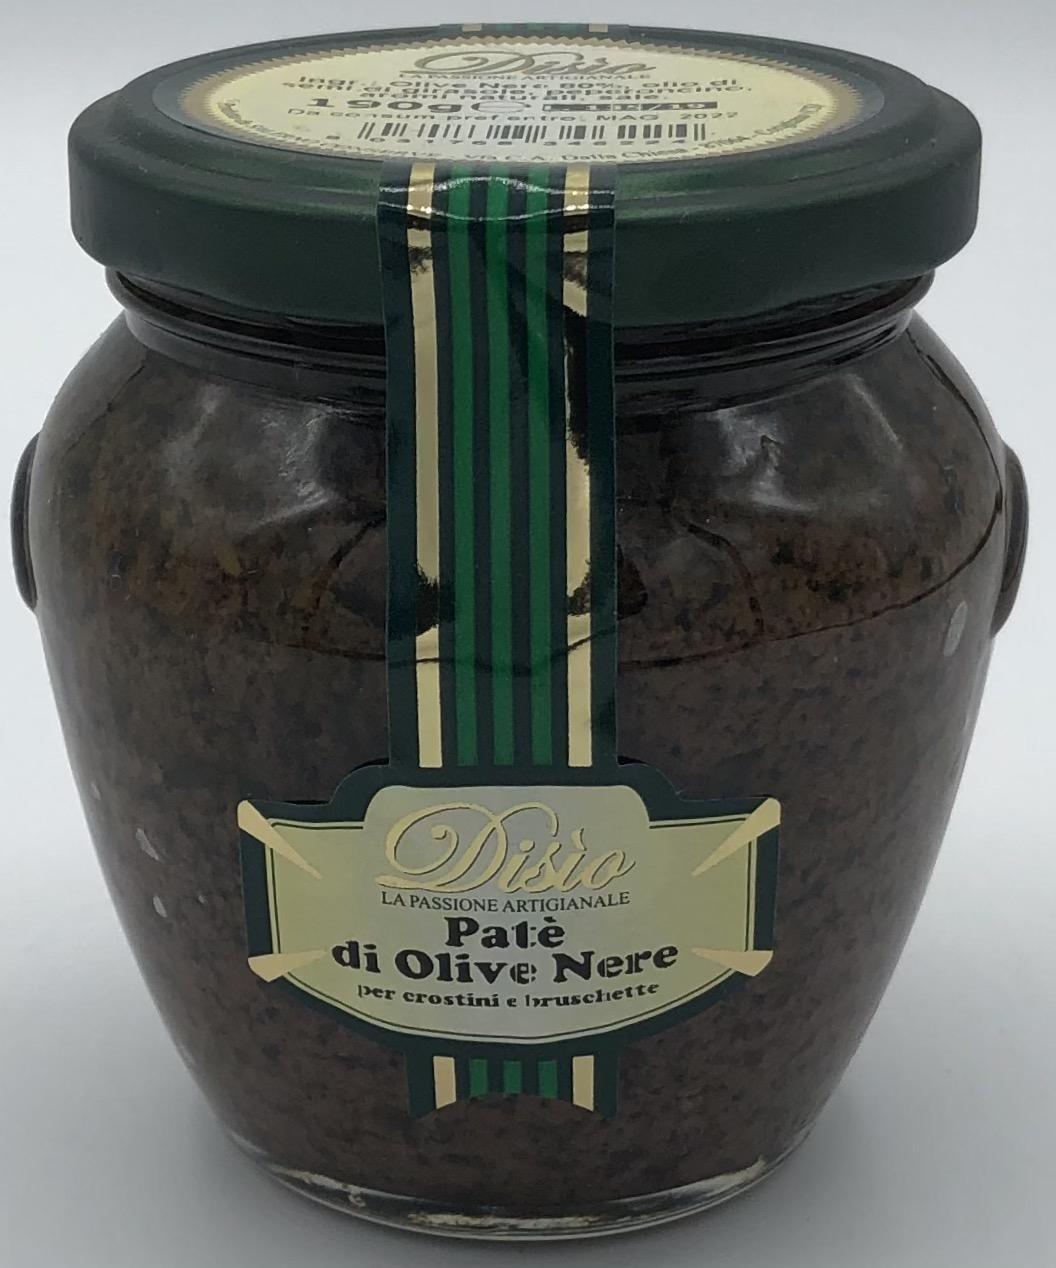 Disio Patè di Olive Nere GR.190